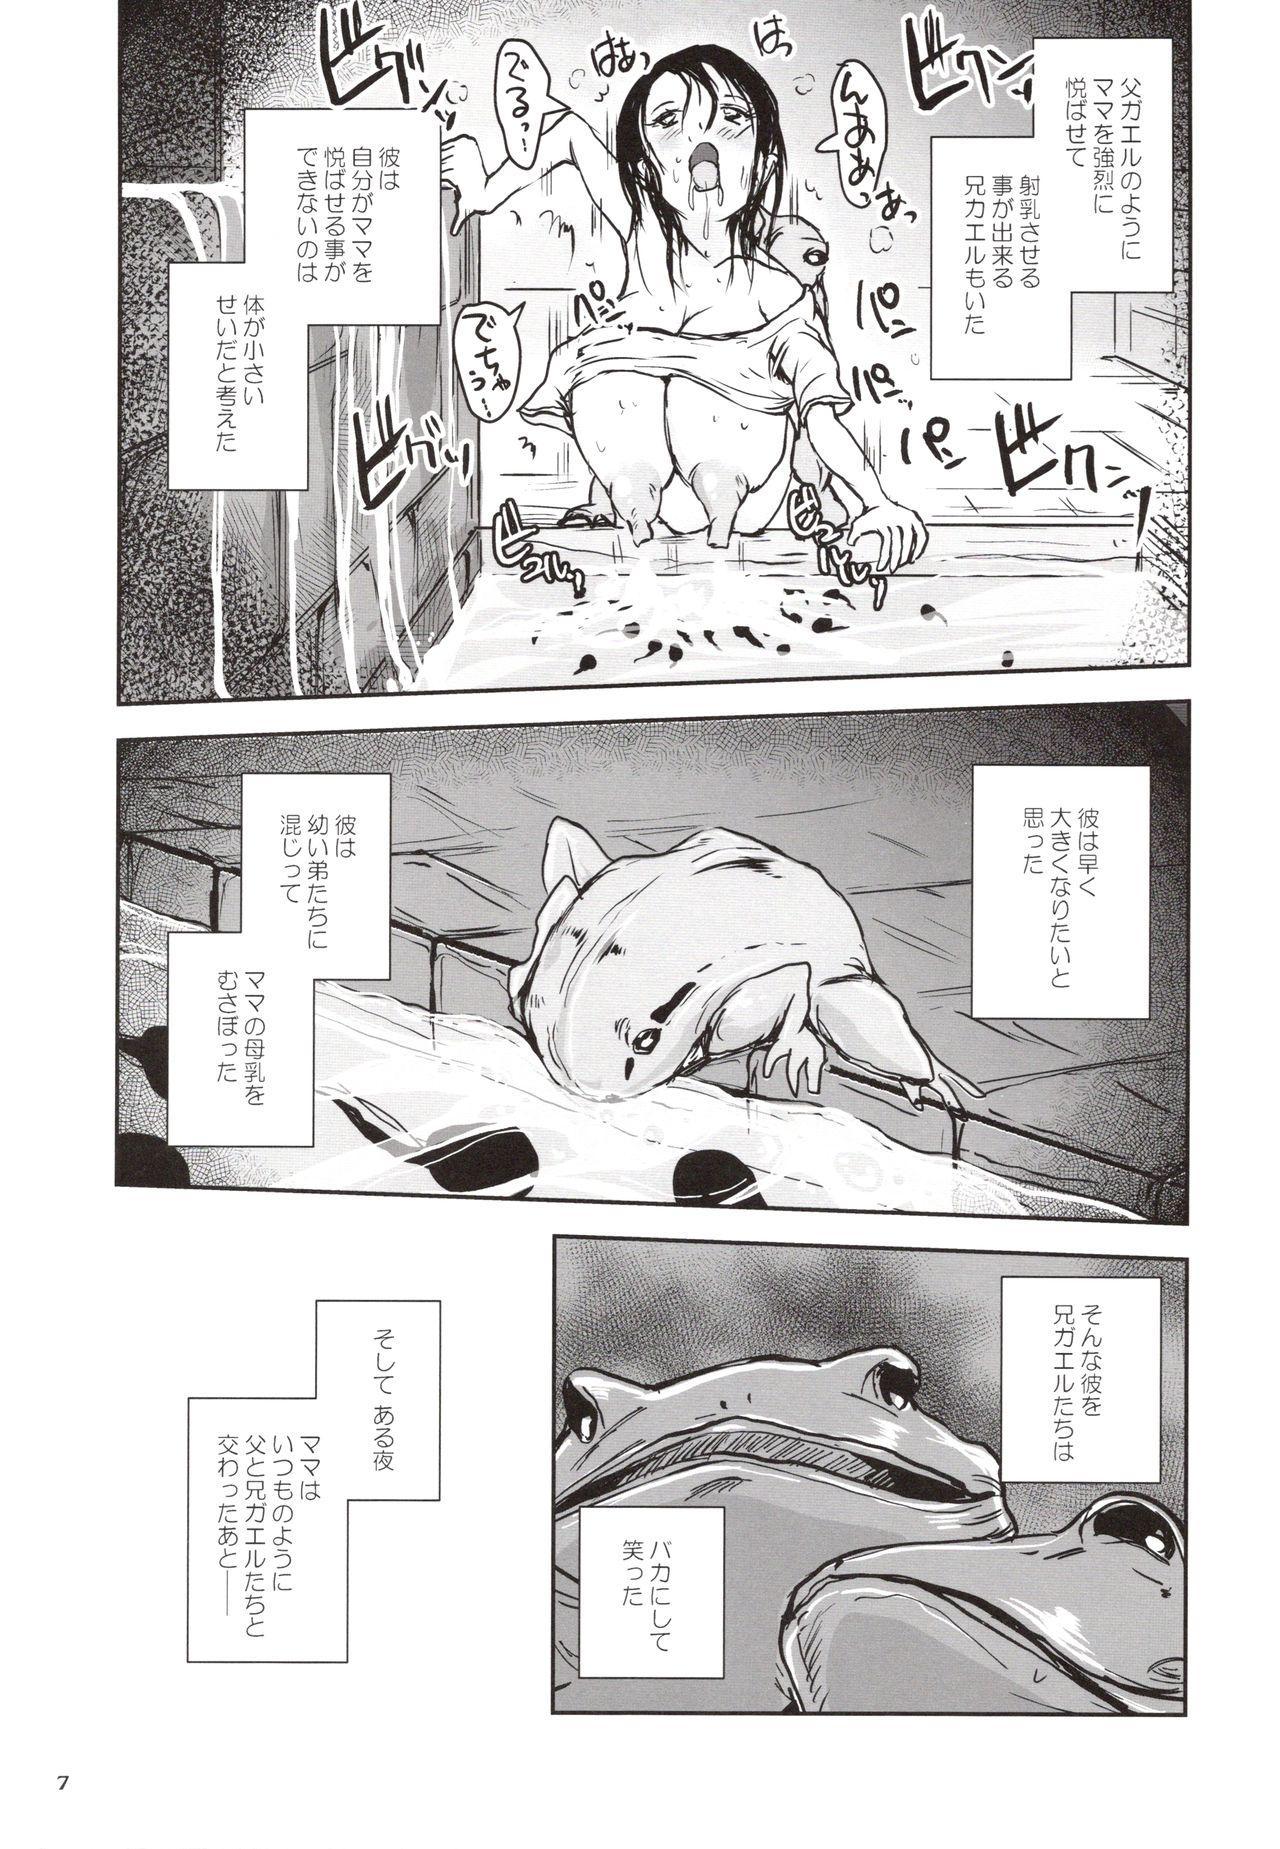 Kinshin Kaerukan - Mama o Aishi Sugita Kogaeru no Monogatari 5